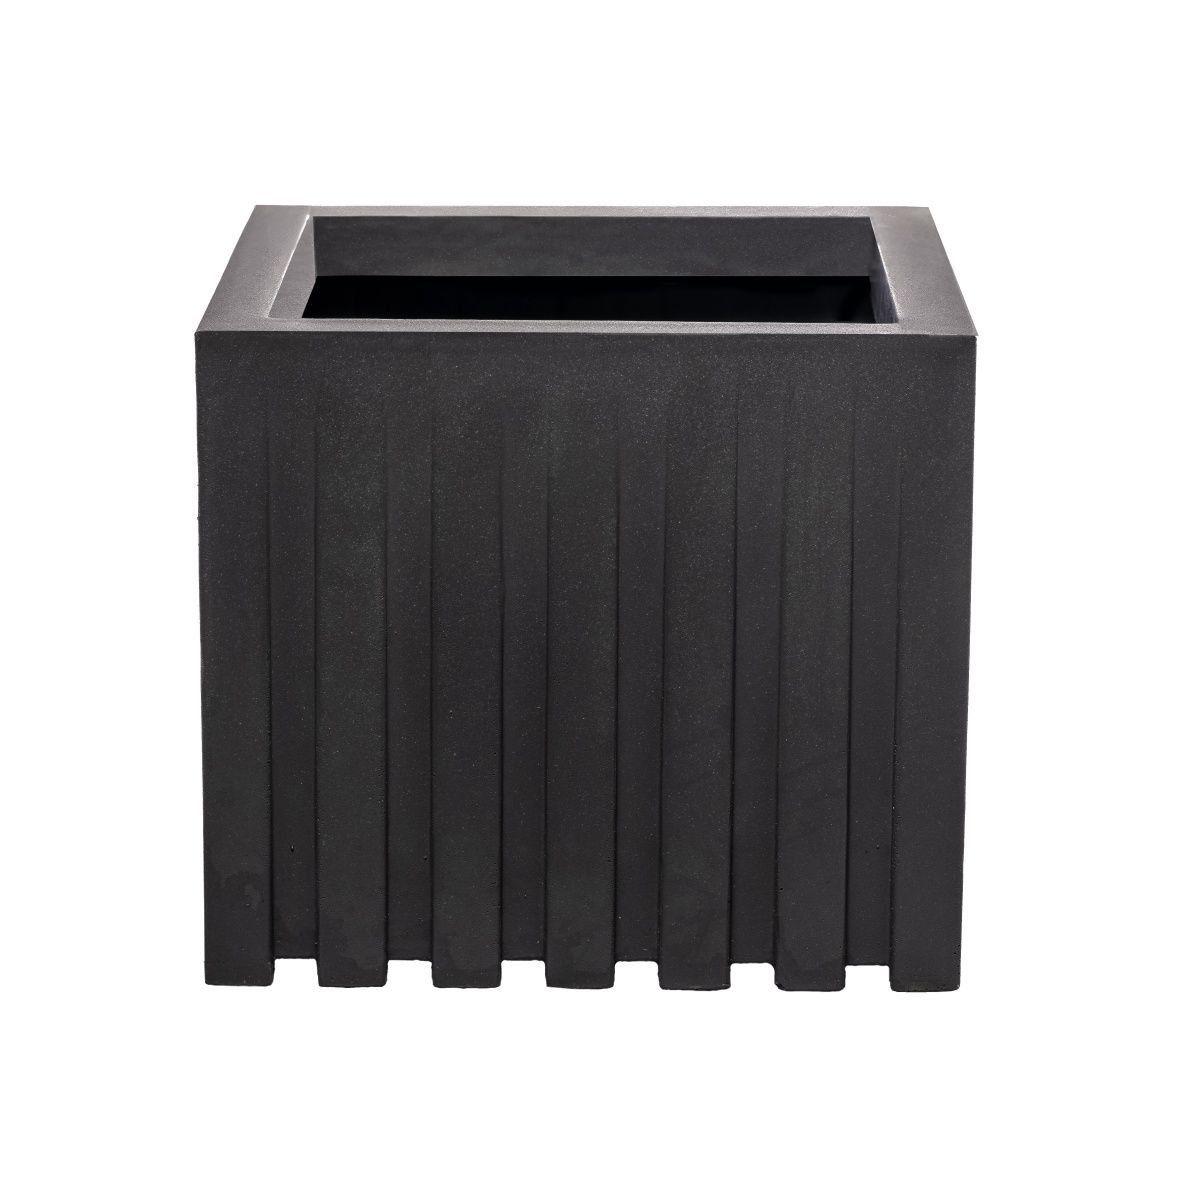 Vaso Ripado Médio Cinza Escuro 33cm x 33cm Coleção Ripado por Studio Andre Lenza